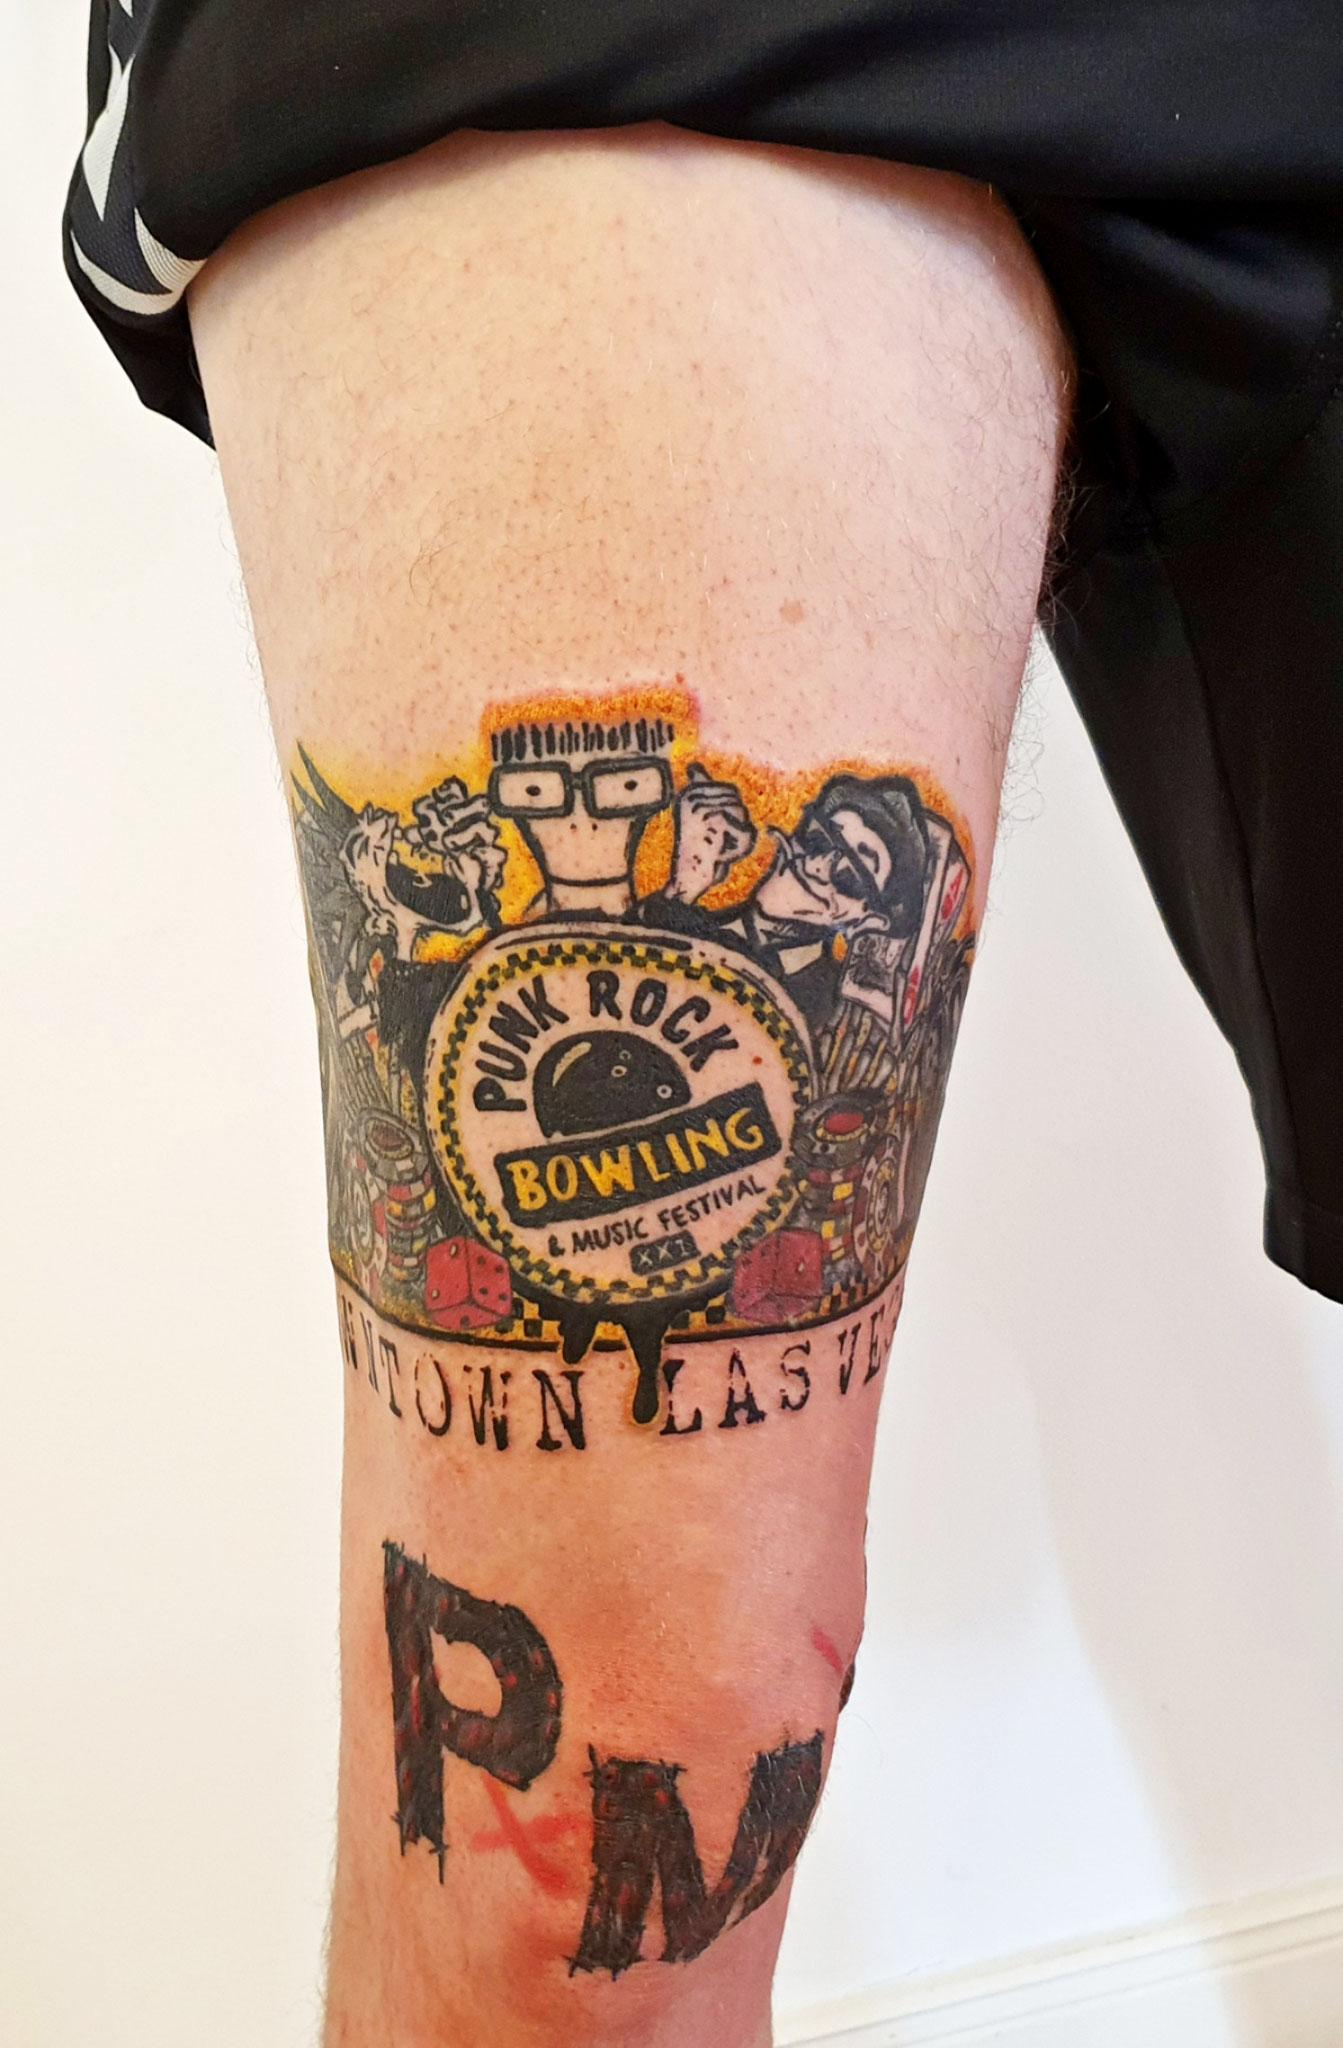 Punkrock comic tattoo